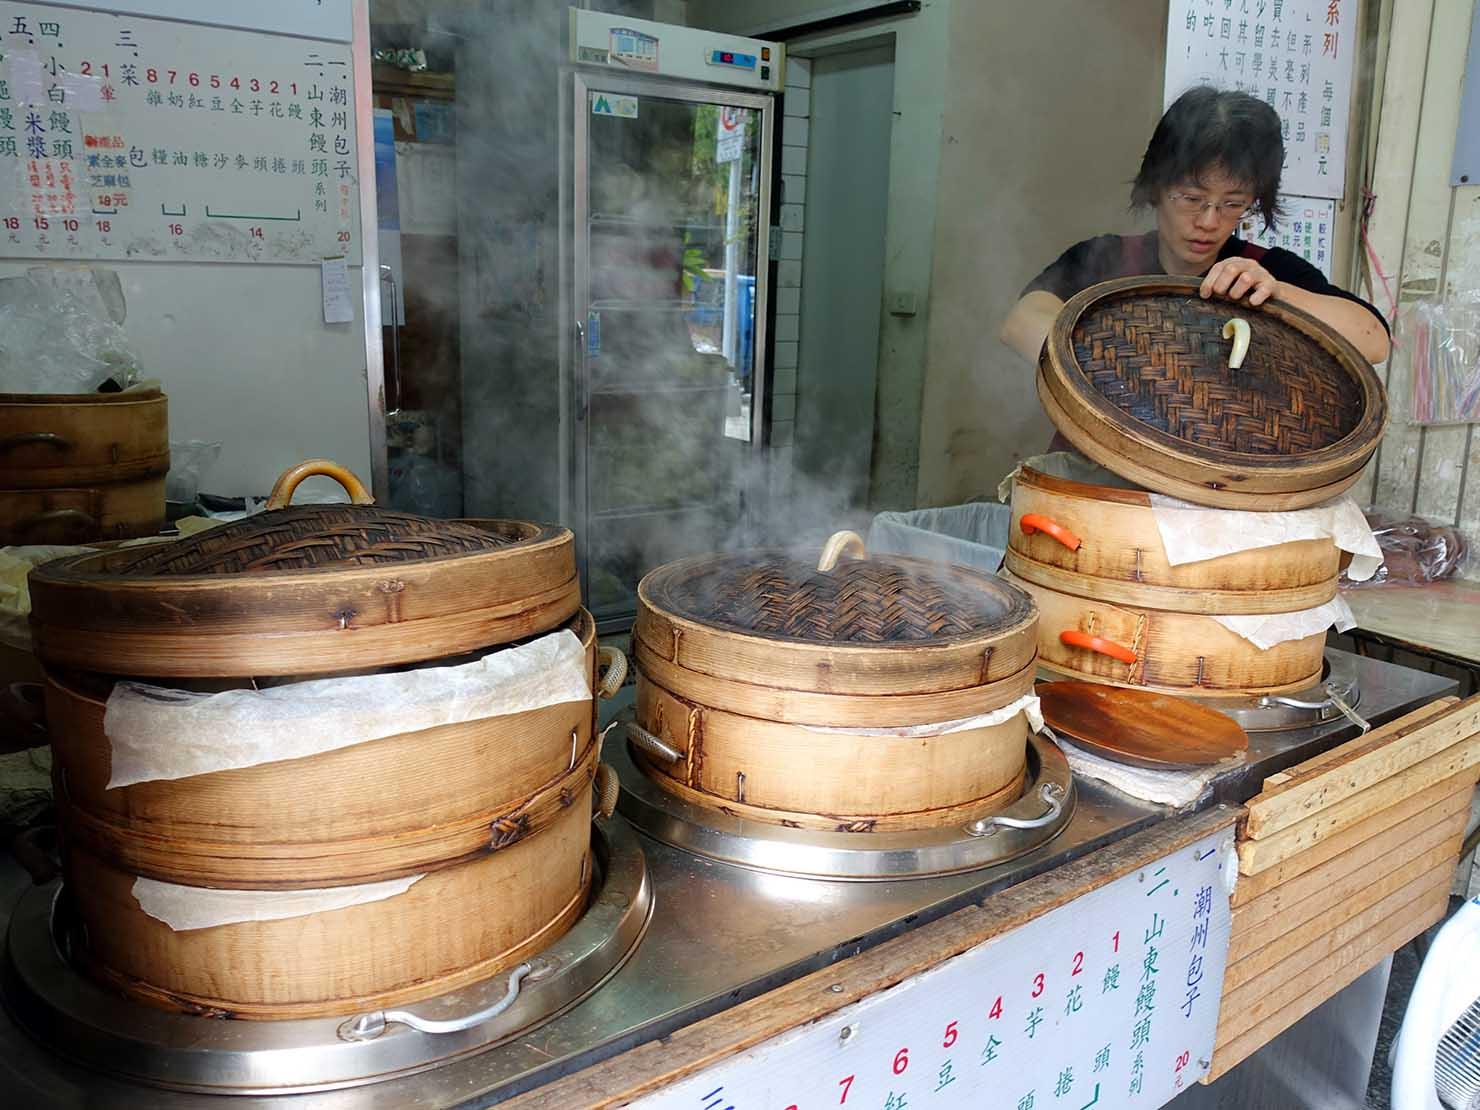 台北・東門エリアのおすすめグルメ店「潮州包子」の軒先に並ぶ蒸し蒸籠